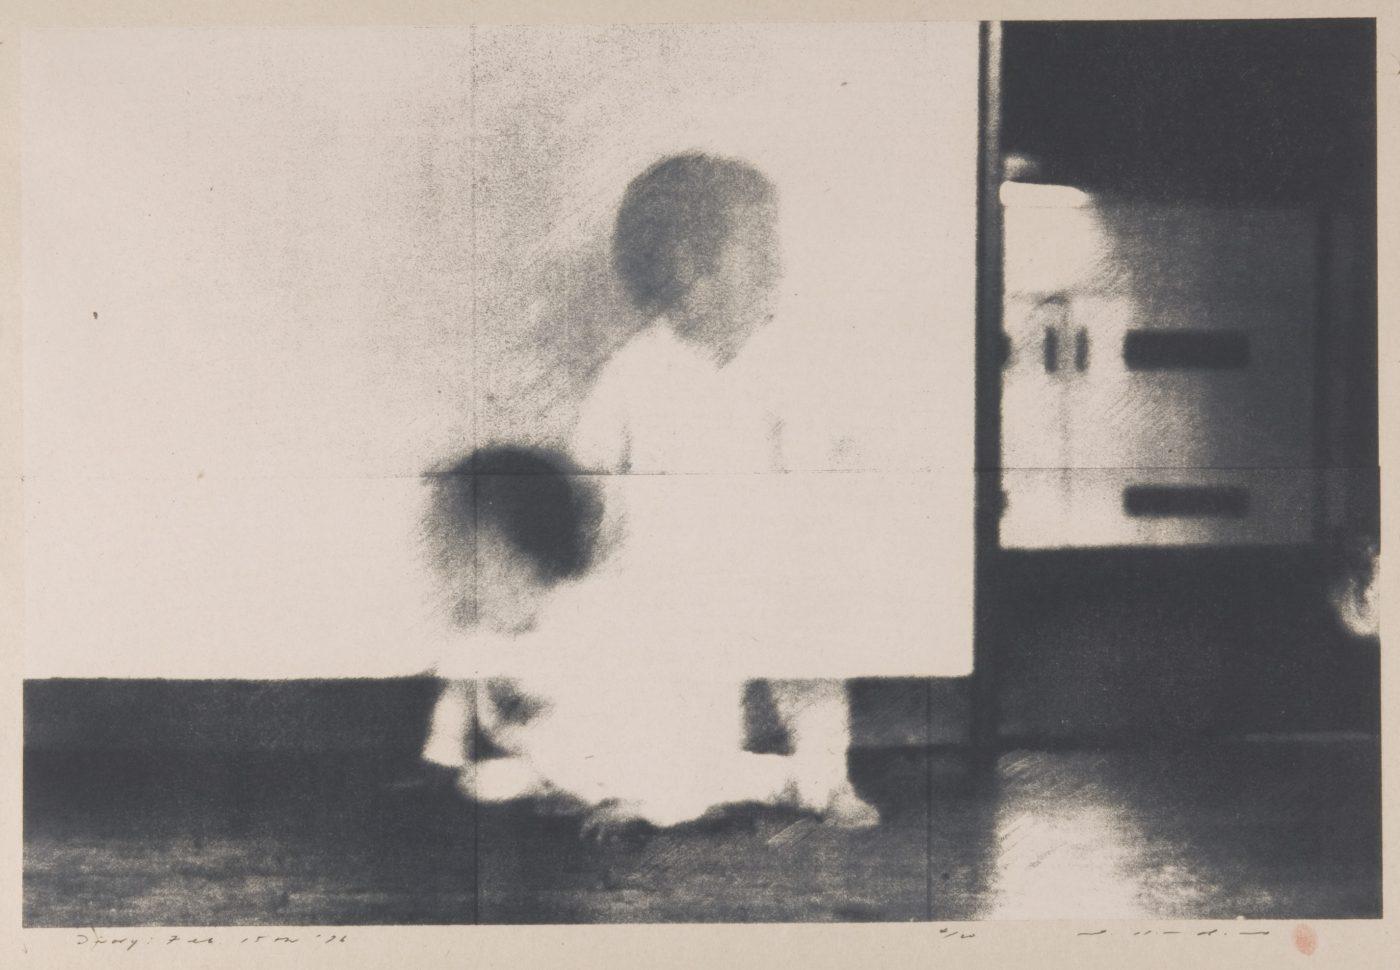 野田哲也《日記 1976年2月15日》1976